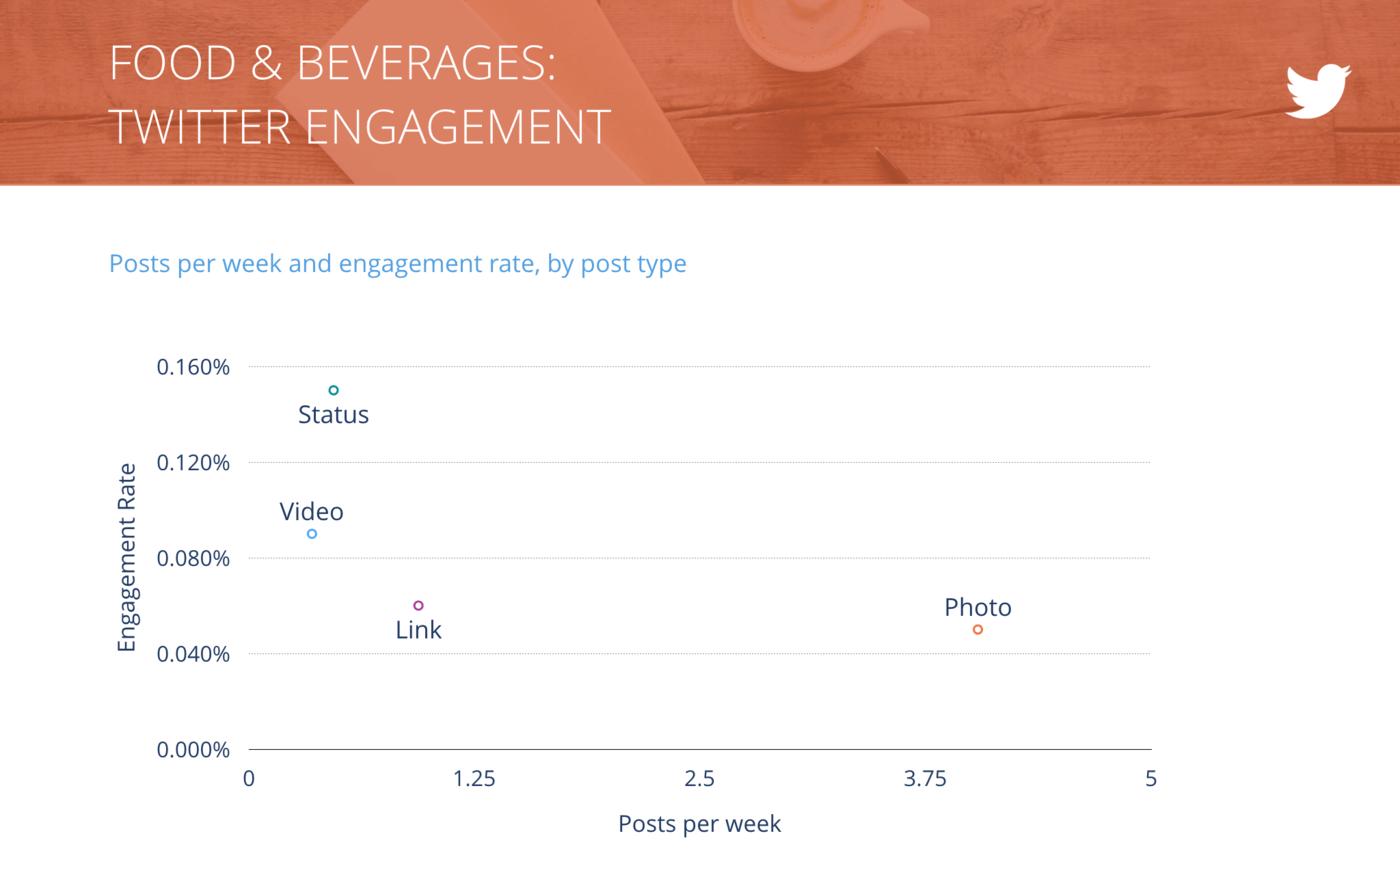 slide of Tweets per Week vs. Engagement Rate per Tweet, Food & Beverages